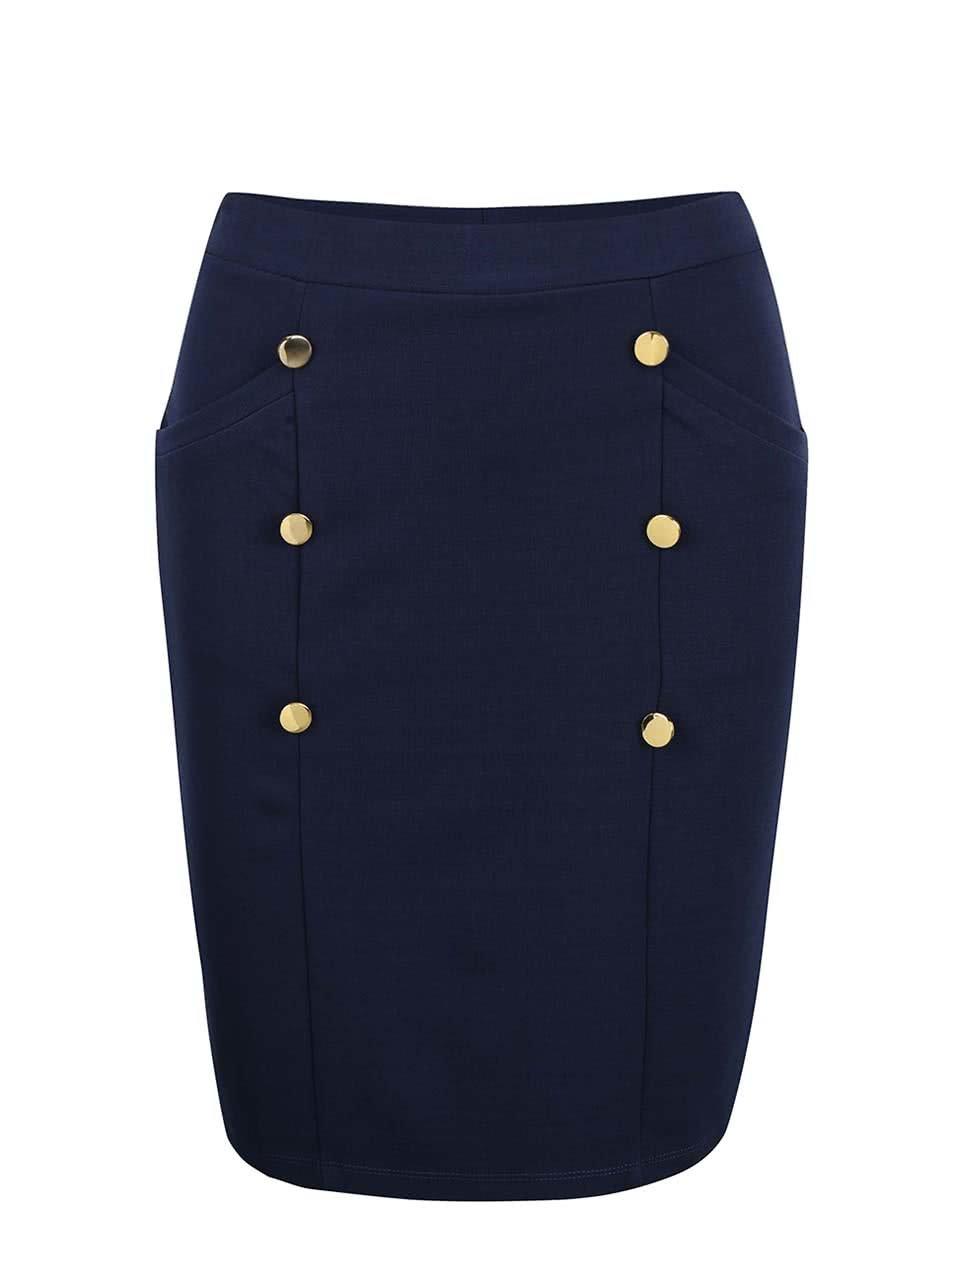 Modrá sukně s knoflíky ve zlaté barvě VERO MODA Sofia ... 3411e3b94a